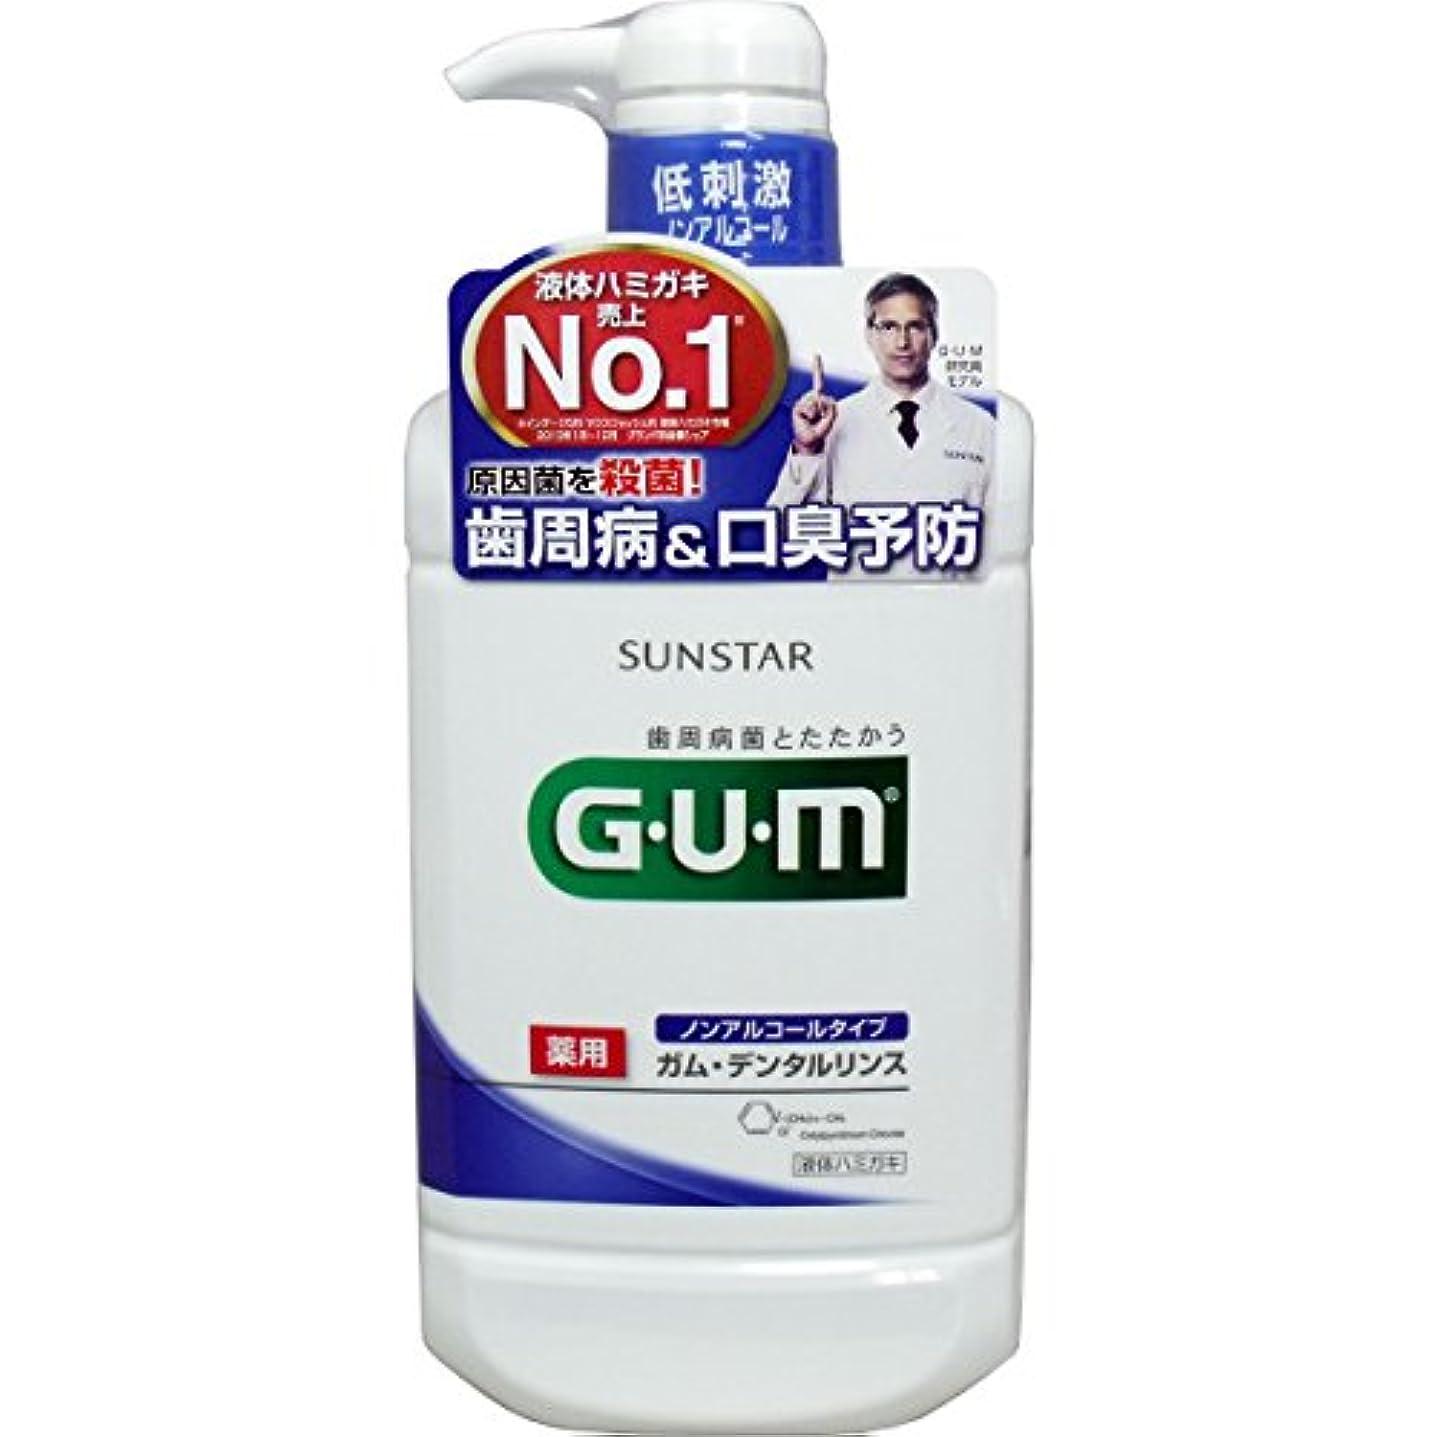 畝間オーラル霊【まとめ買い】GUM(ガム)?デンタルリンス (ノンアルコールタイプ) 960mL (医薬部外品)×3個